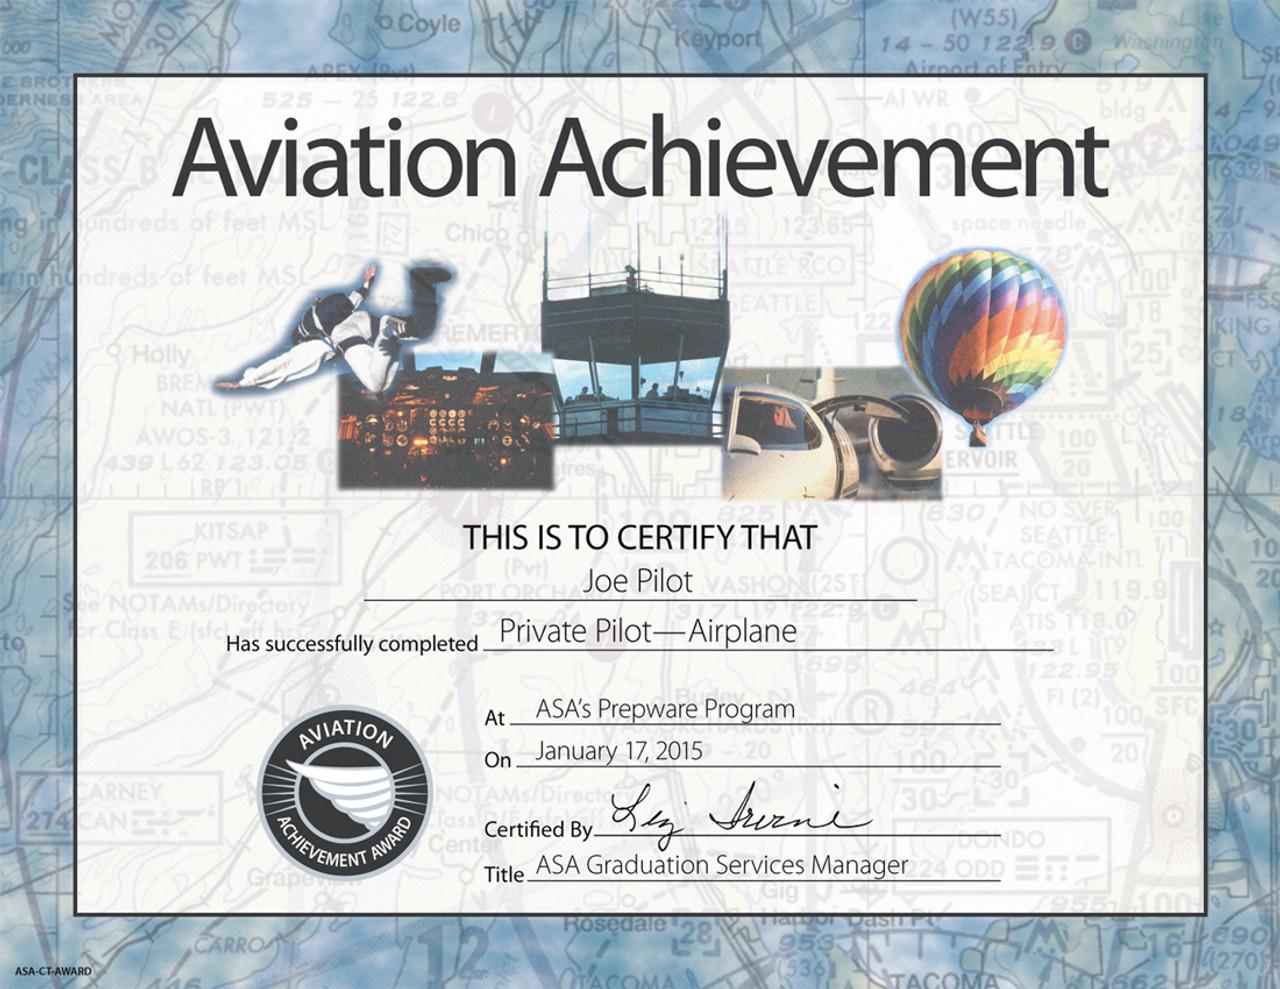 ASA Prepware 2020: Private Pilot